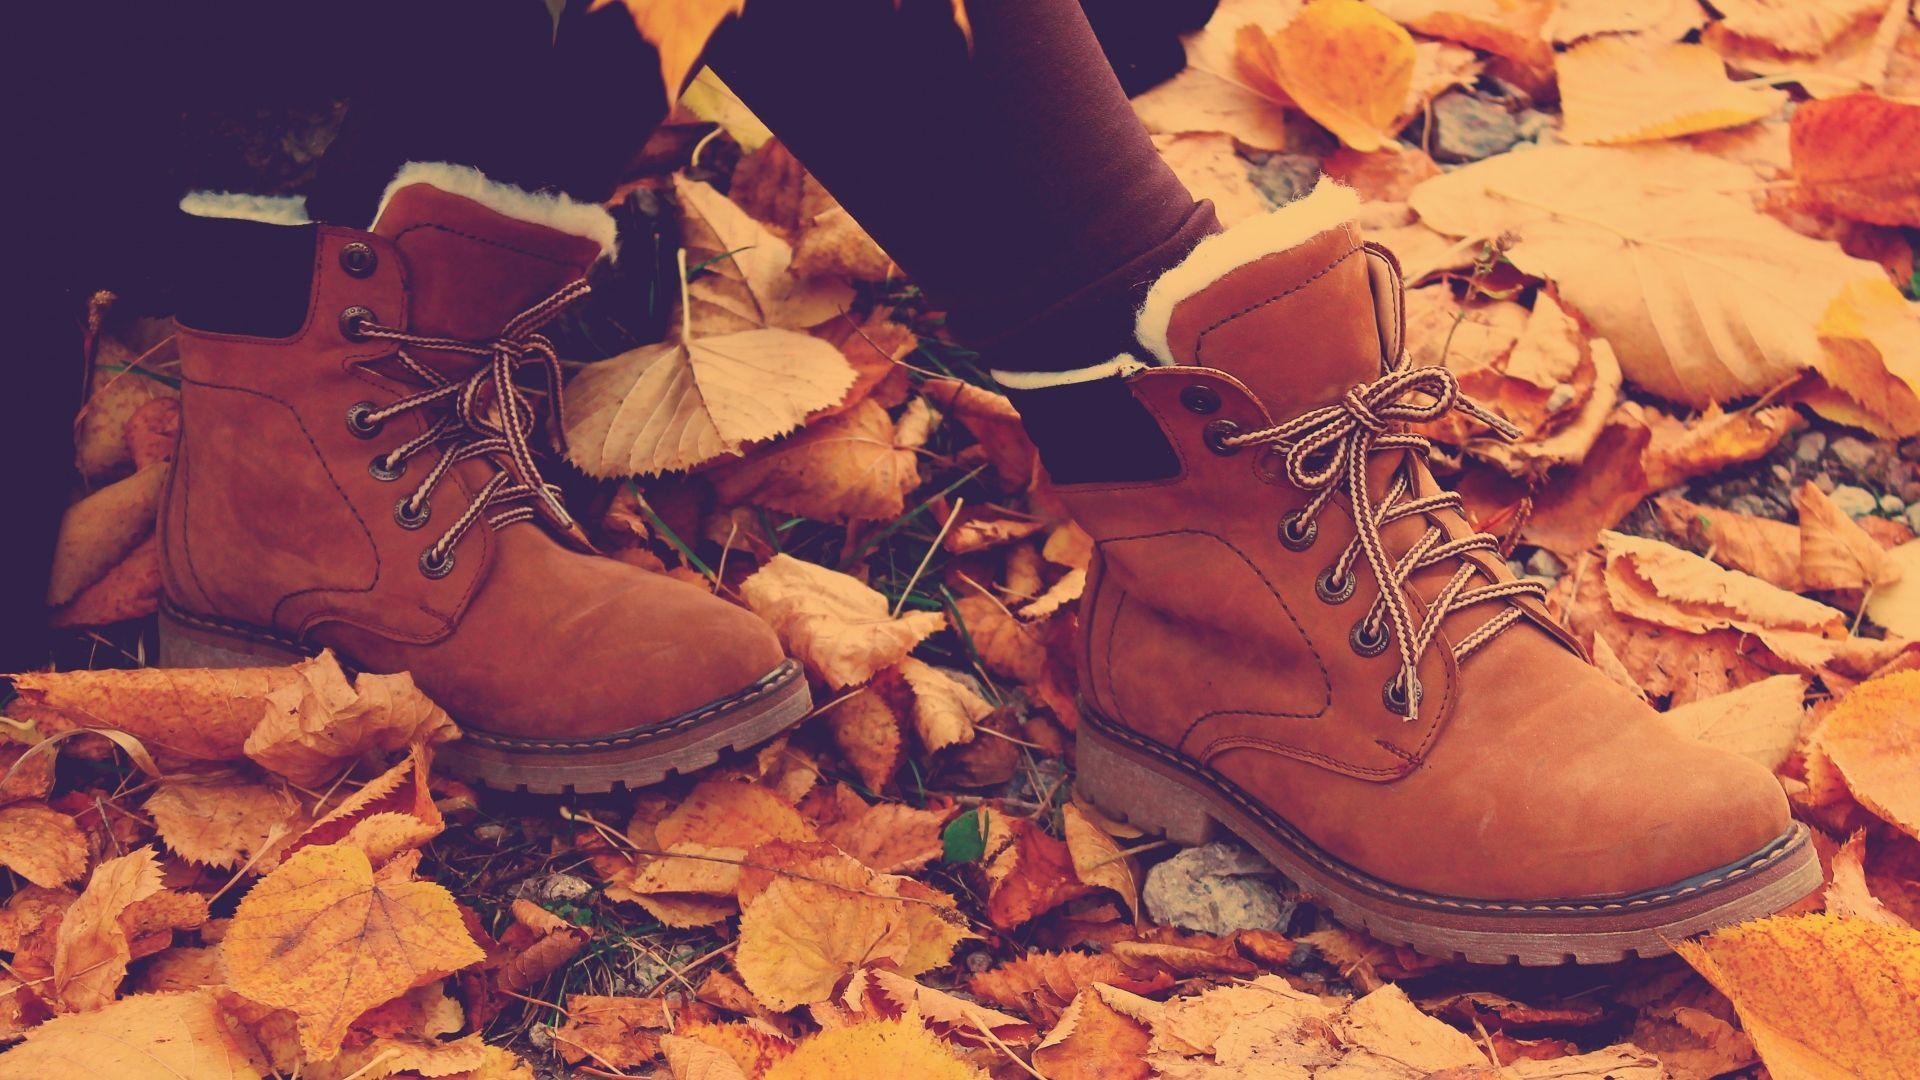 Chaussures_dans_les_feuilles_mortes.jpg